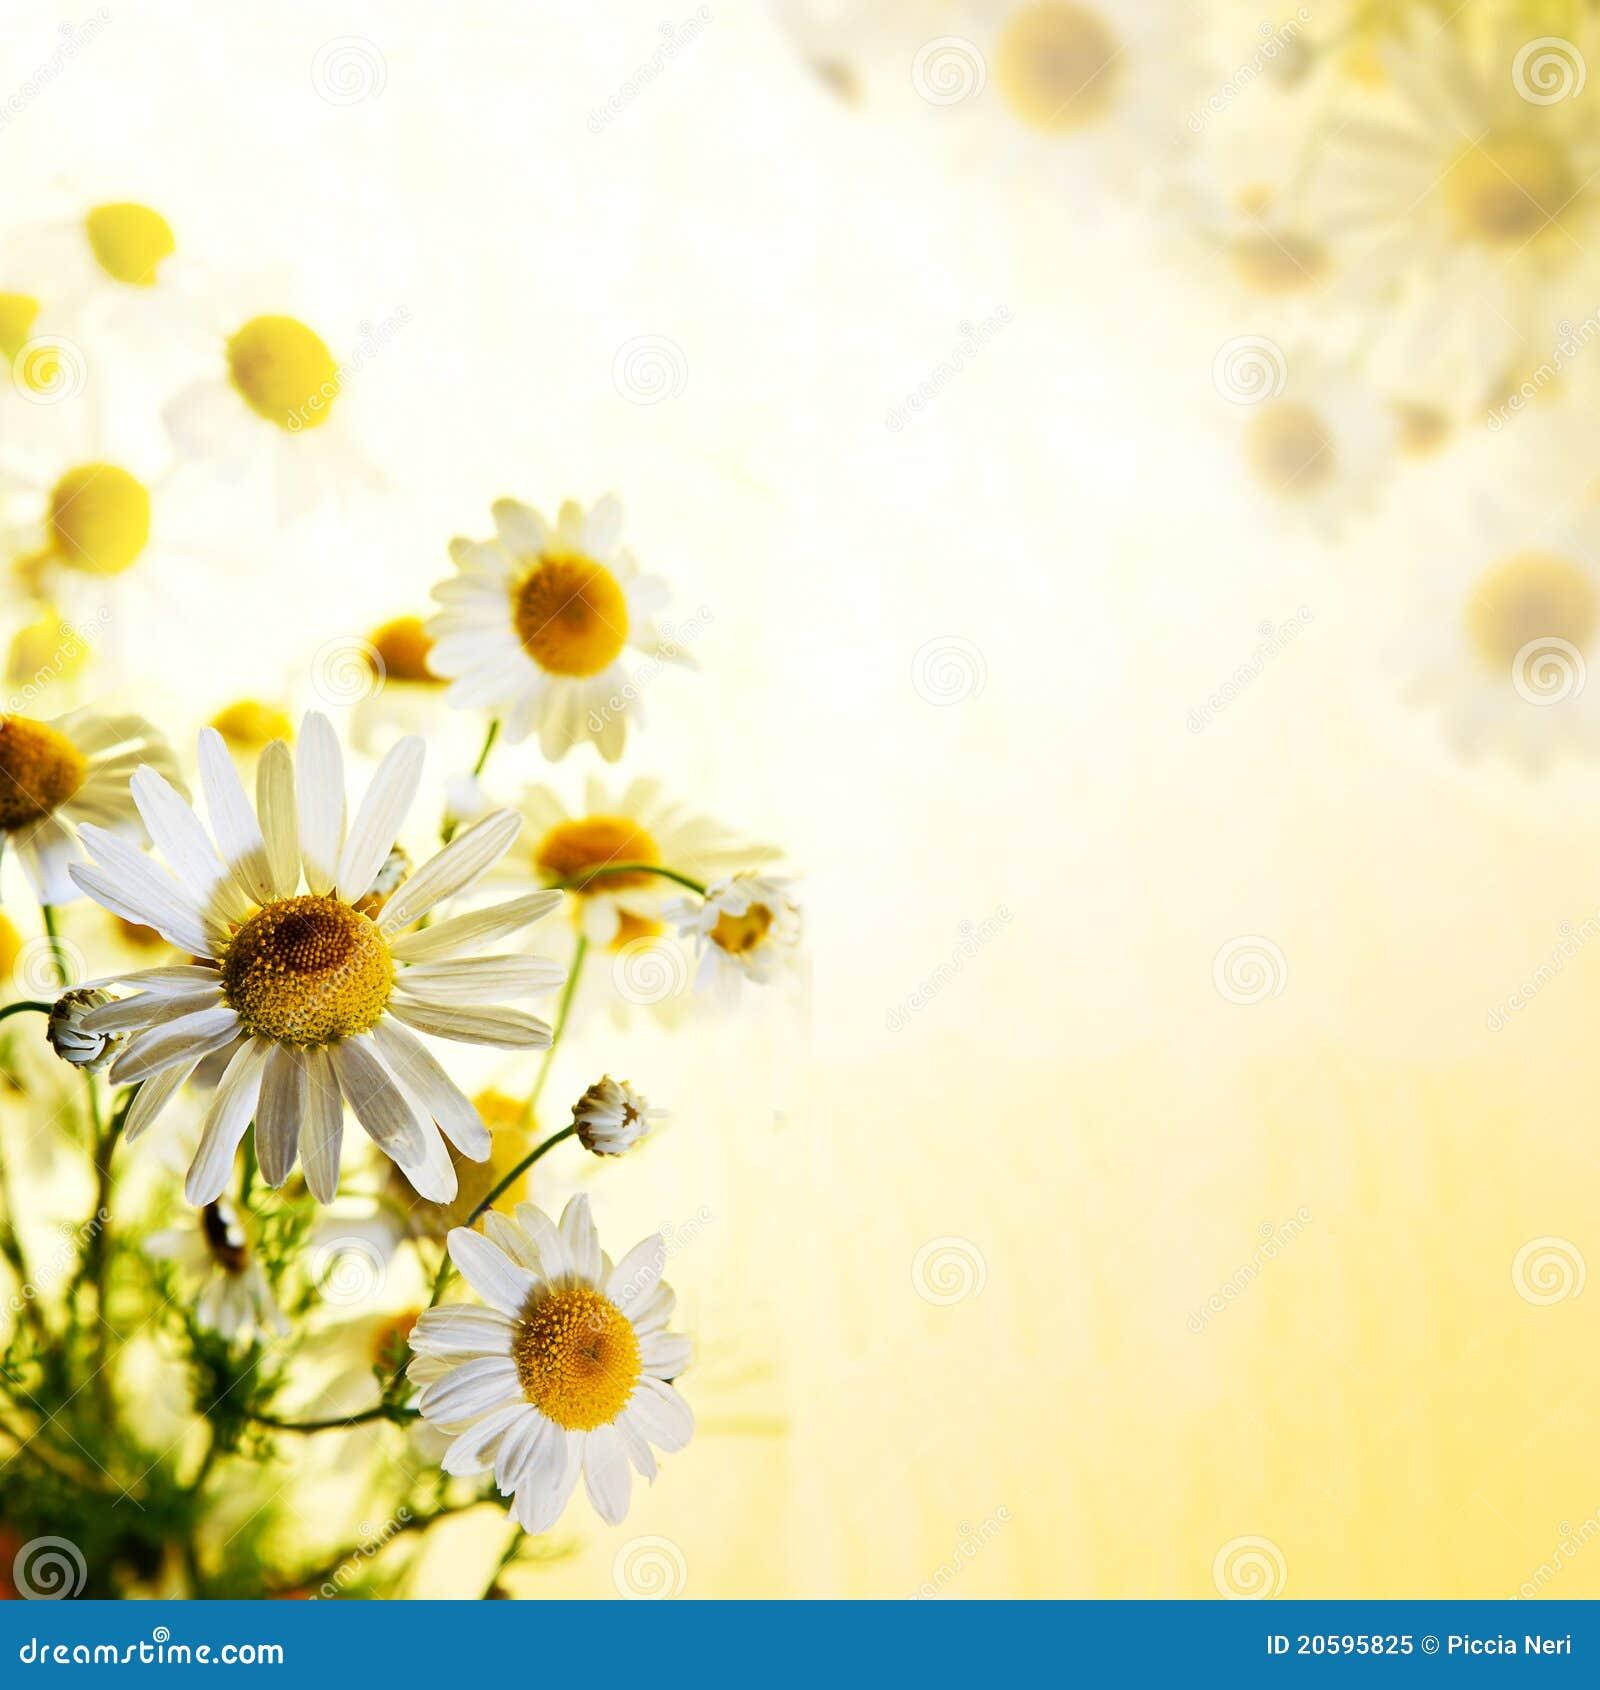 Sommer Wildflowers: Kamille